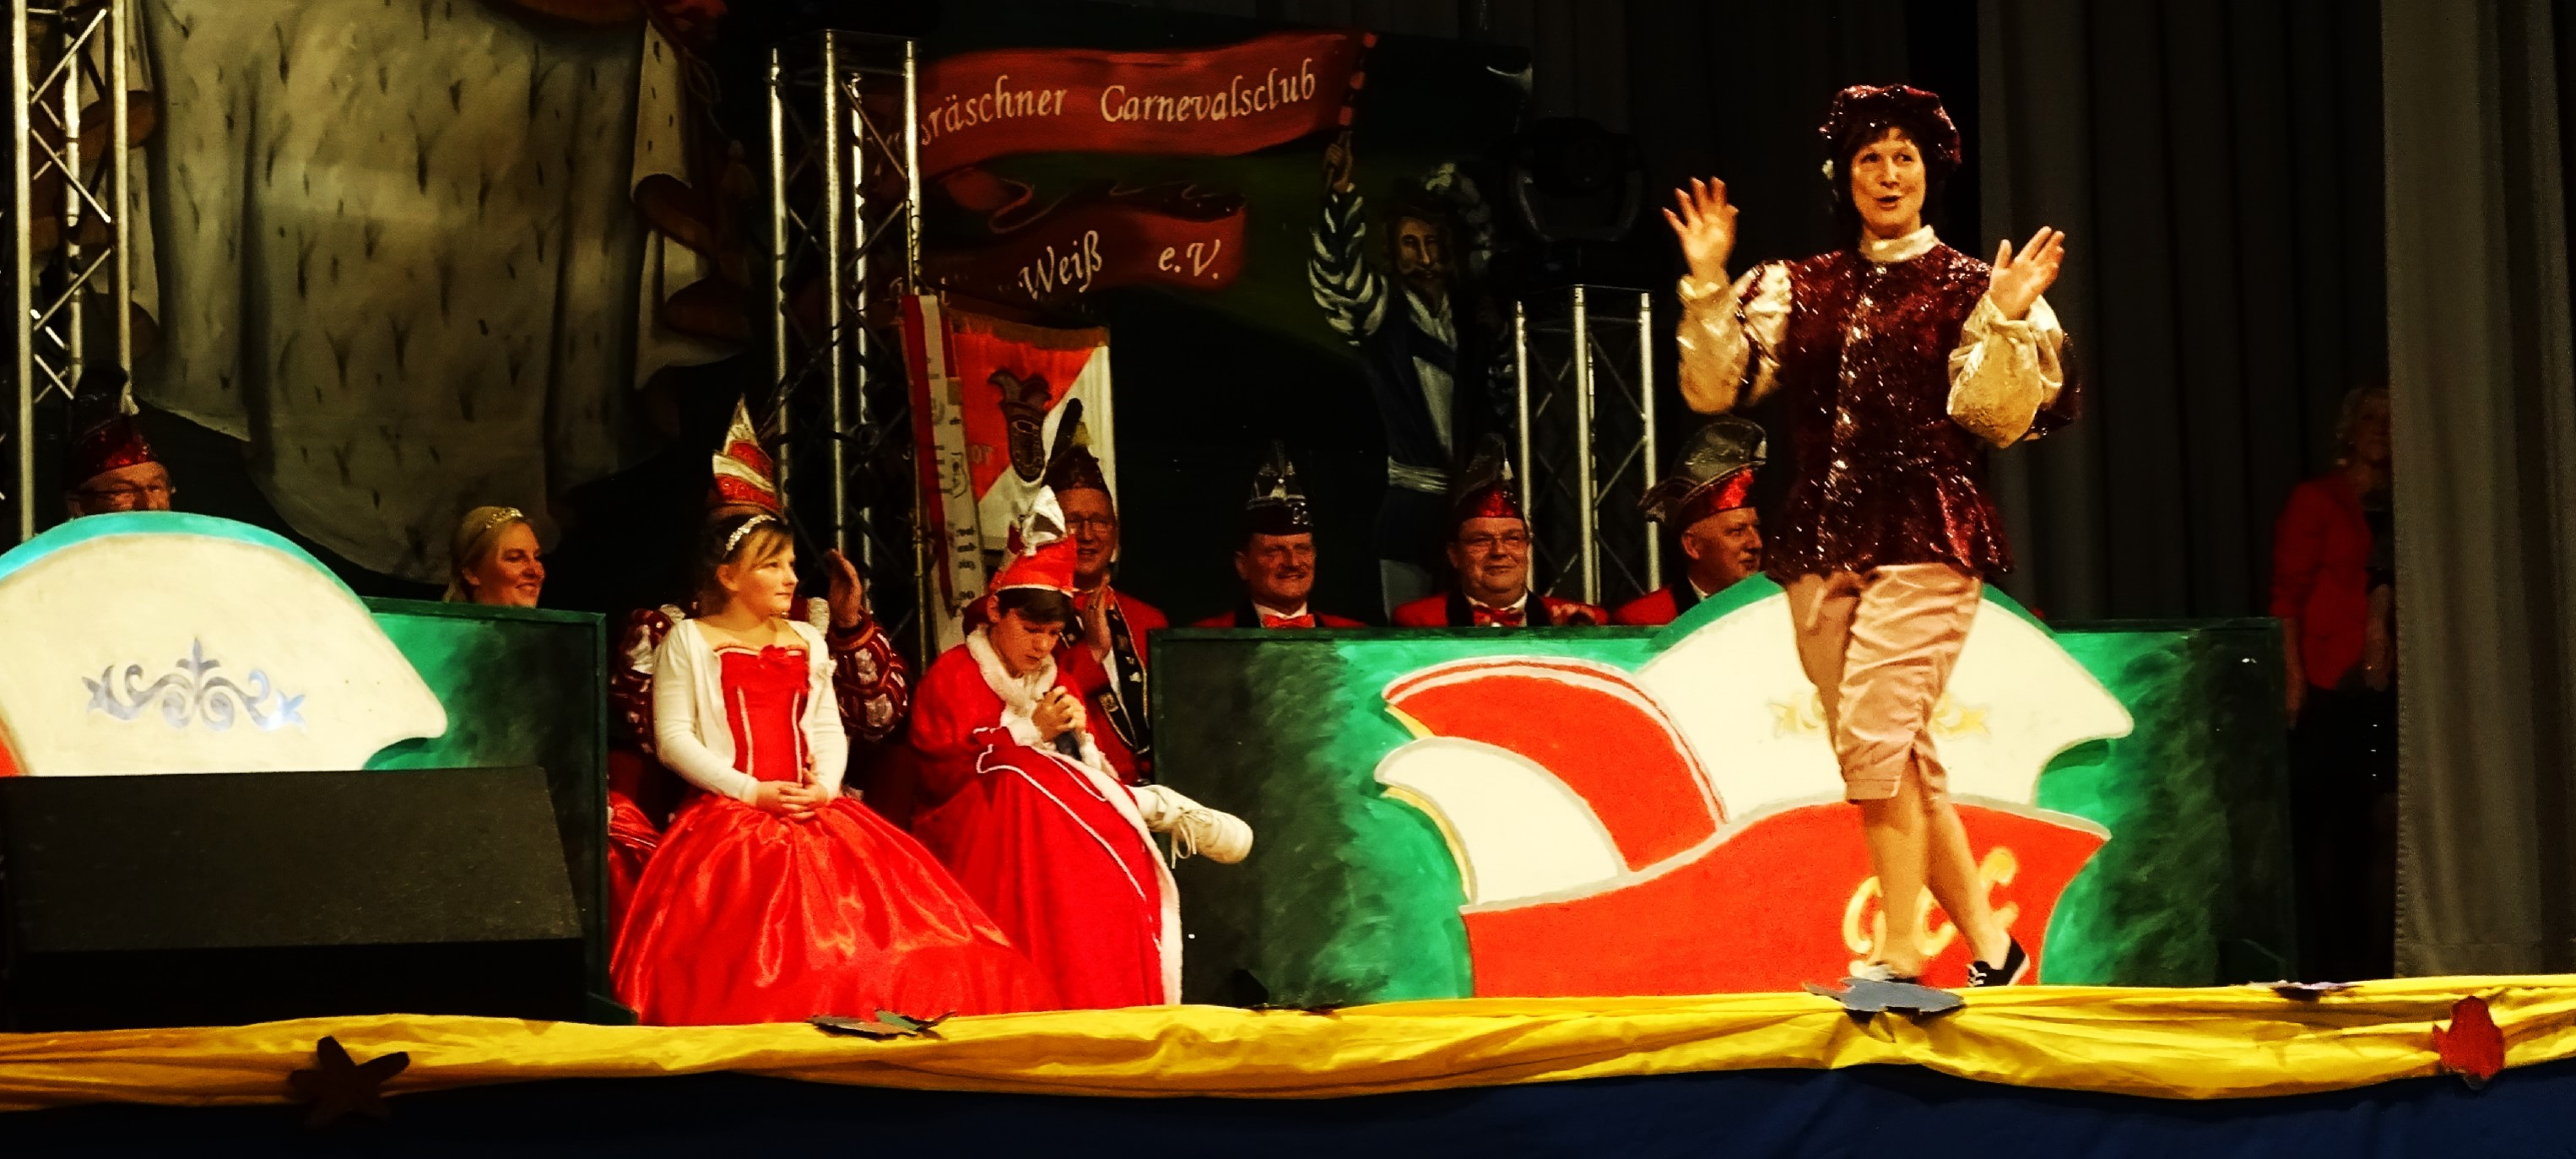 Großräschener Carneval Club e.V.